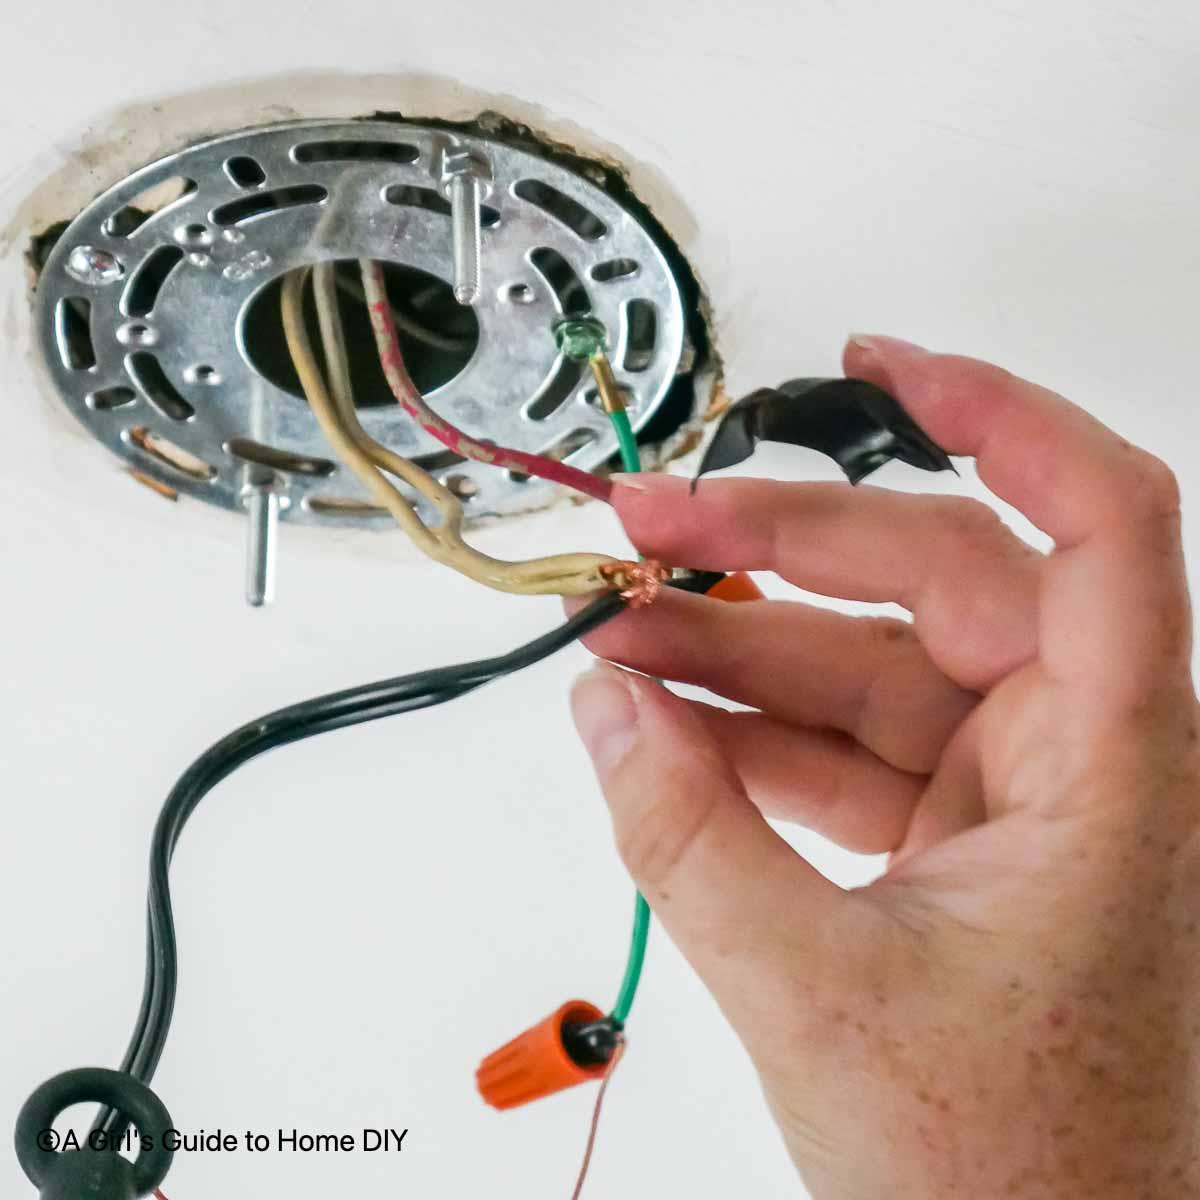 attaching new light fixture wiring